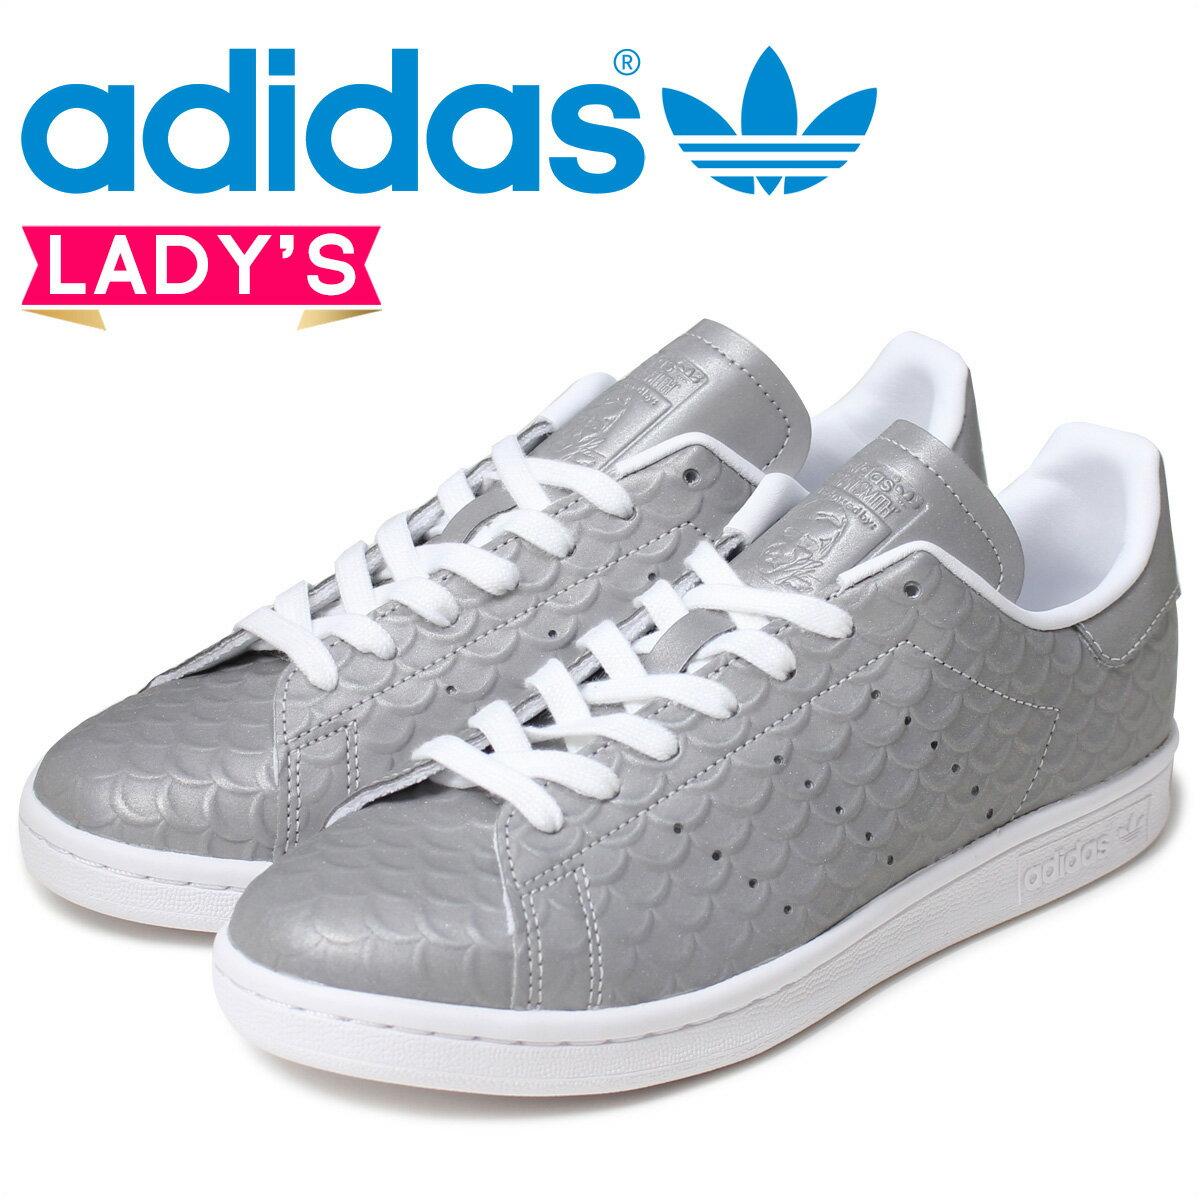 アディダス スタンスミス レディース adidas Originals スニーカー STAN SMITH W BB5159 靴 シルバー オリジナルス